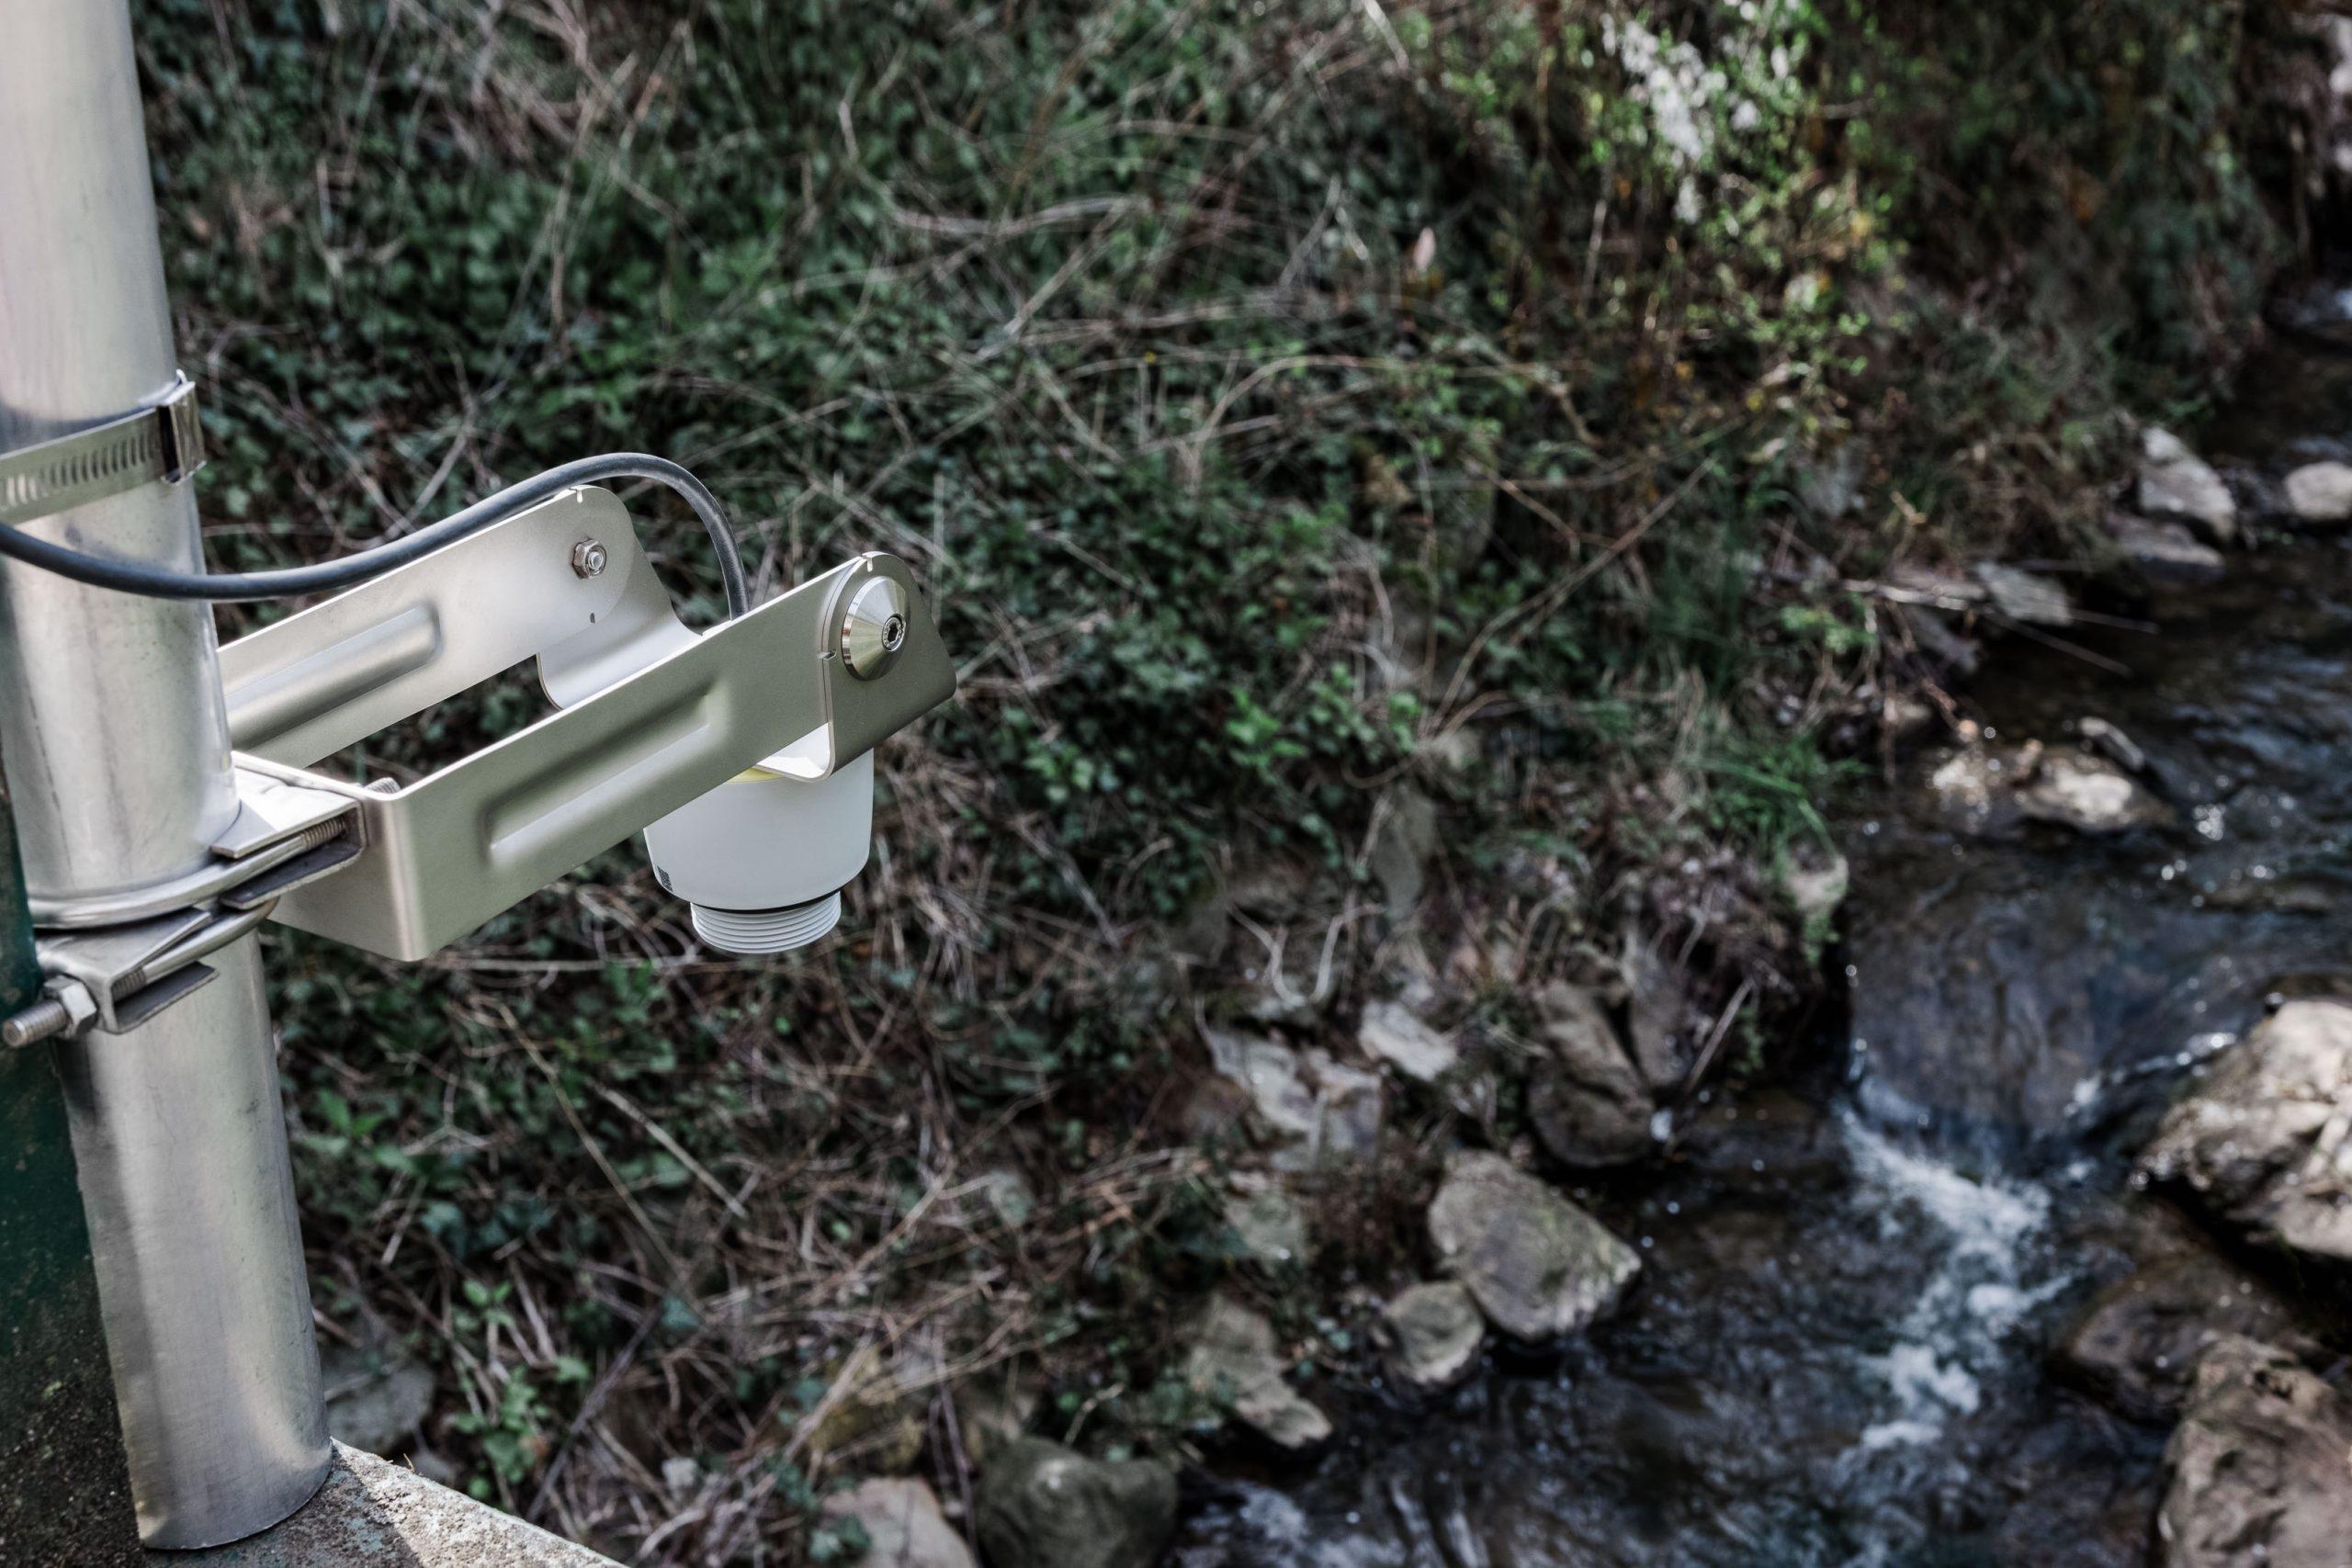 Hochwasserwarnung, Wasserpegelmessung, Wasserpegelüberwachung, Füllstandüberwachung